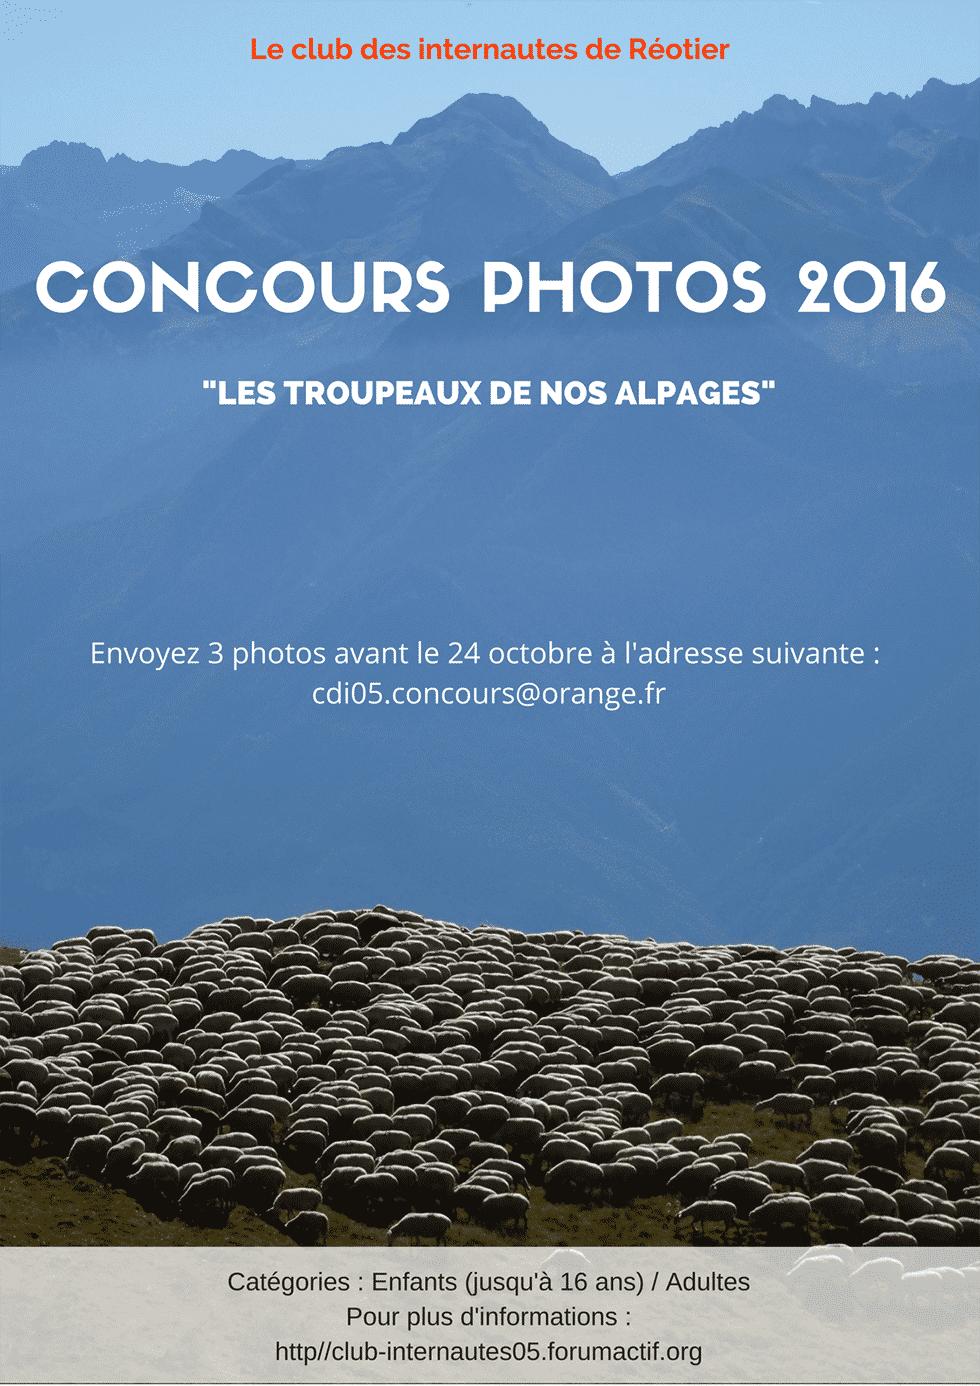 concours-photos-2016-1